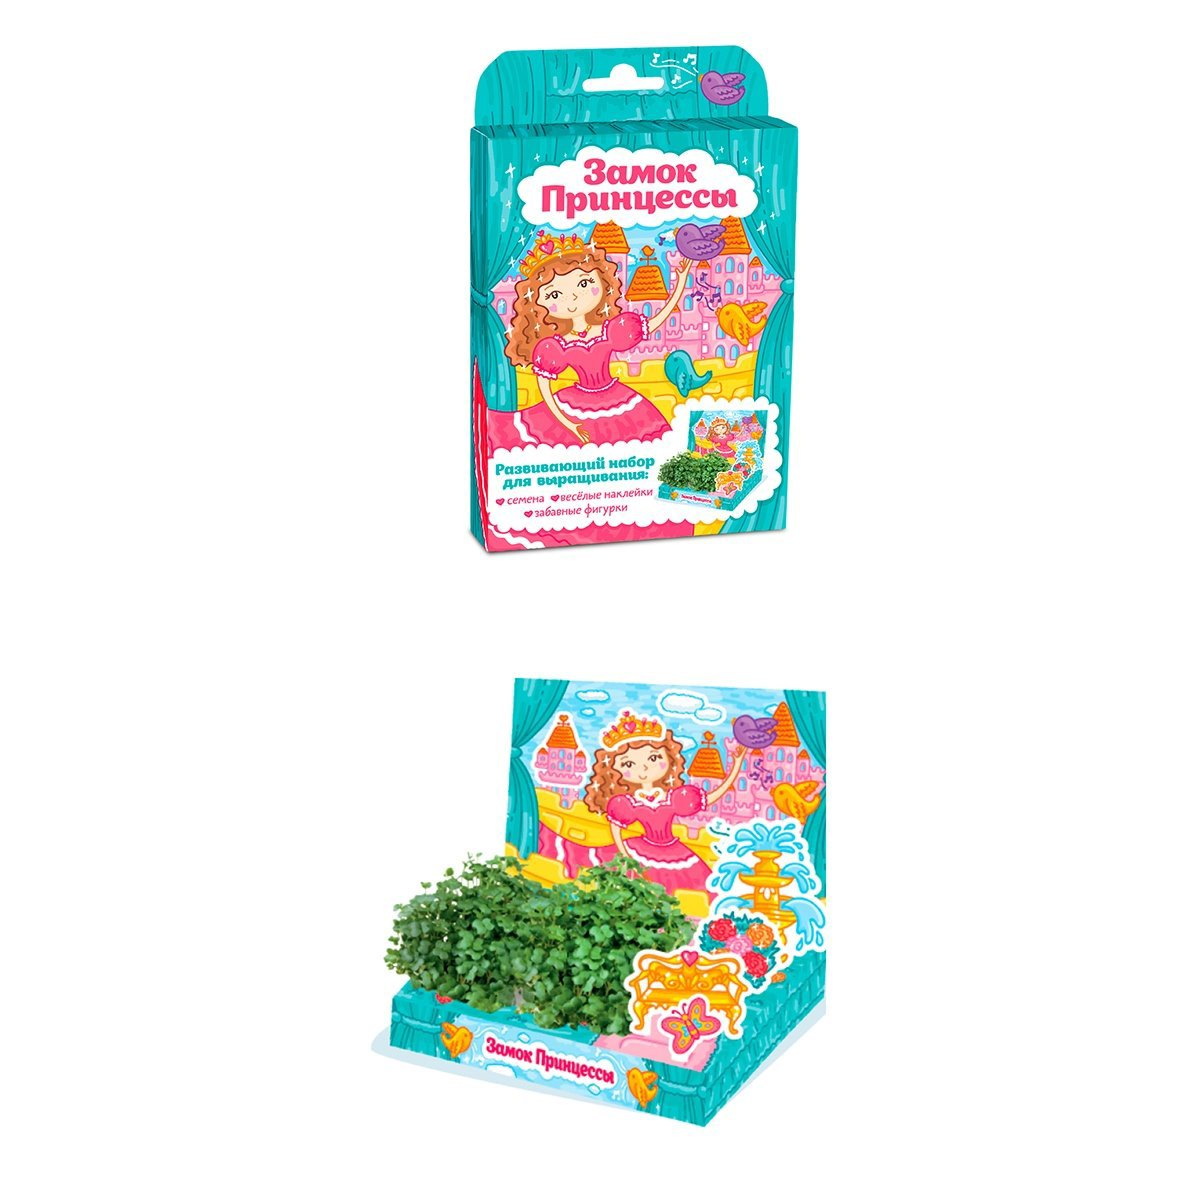 Игровой набор Happy Plants вырасти сам набор подарочный для выращивания happy plants живая открытка лето в кармане